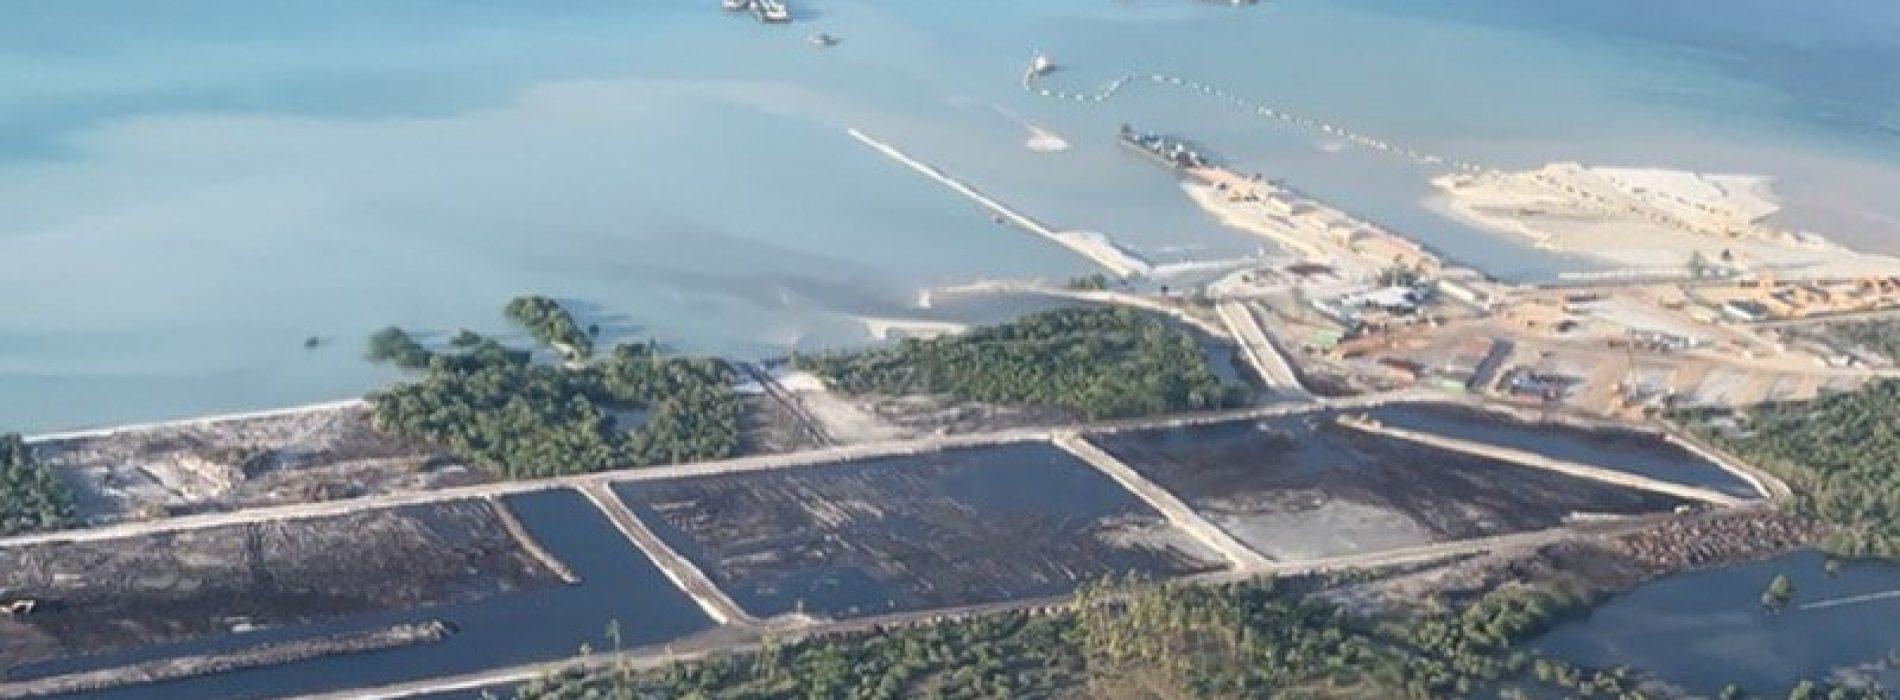 Mozambico: Total sospende temporaneamente il progetto GNL a causa della sicurezza